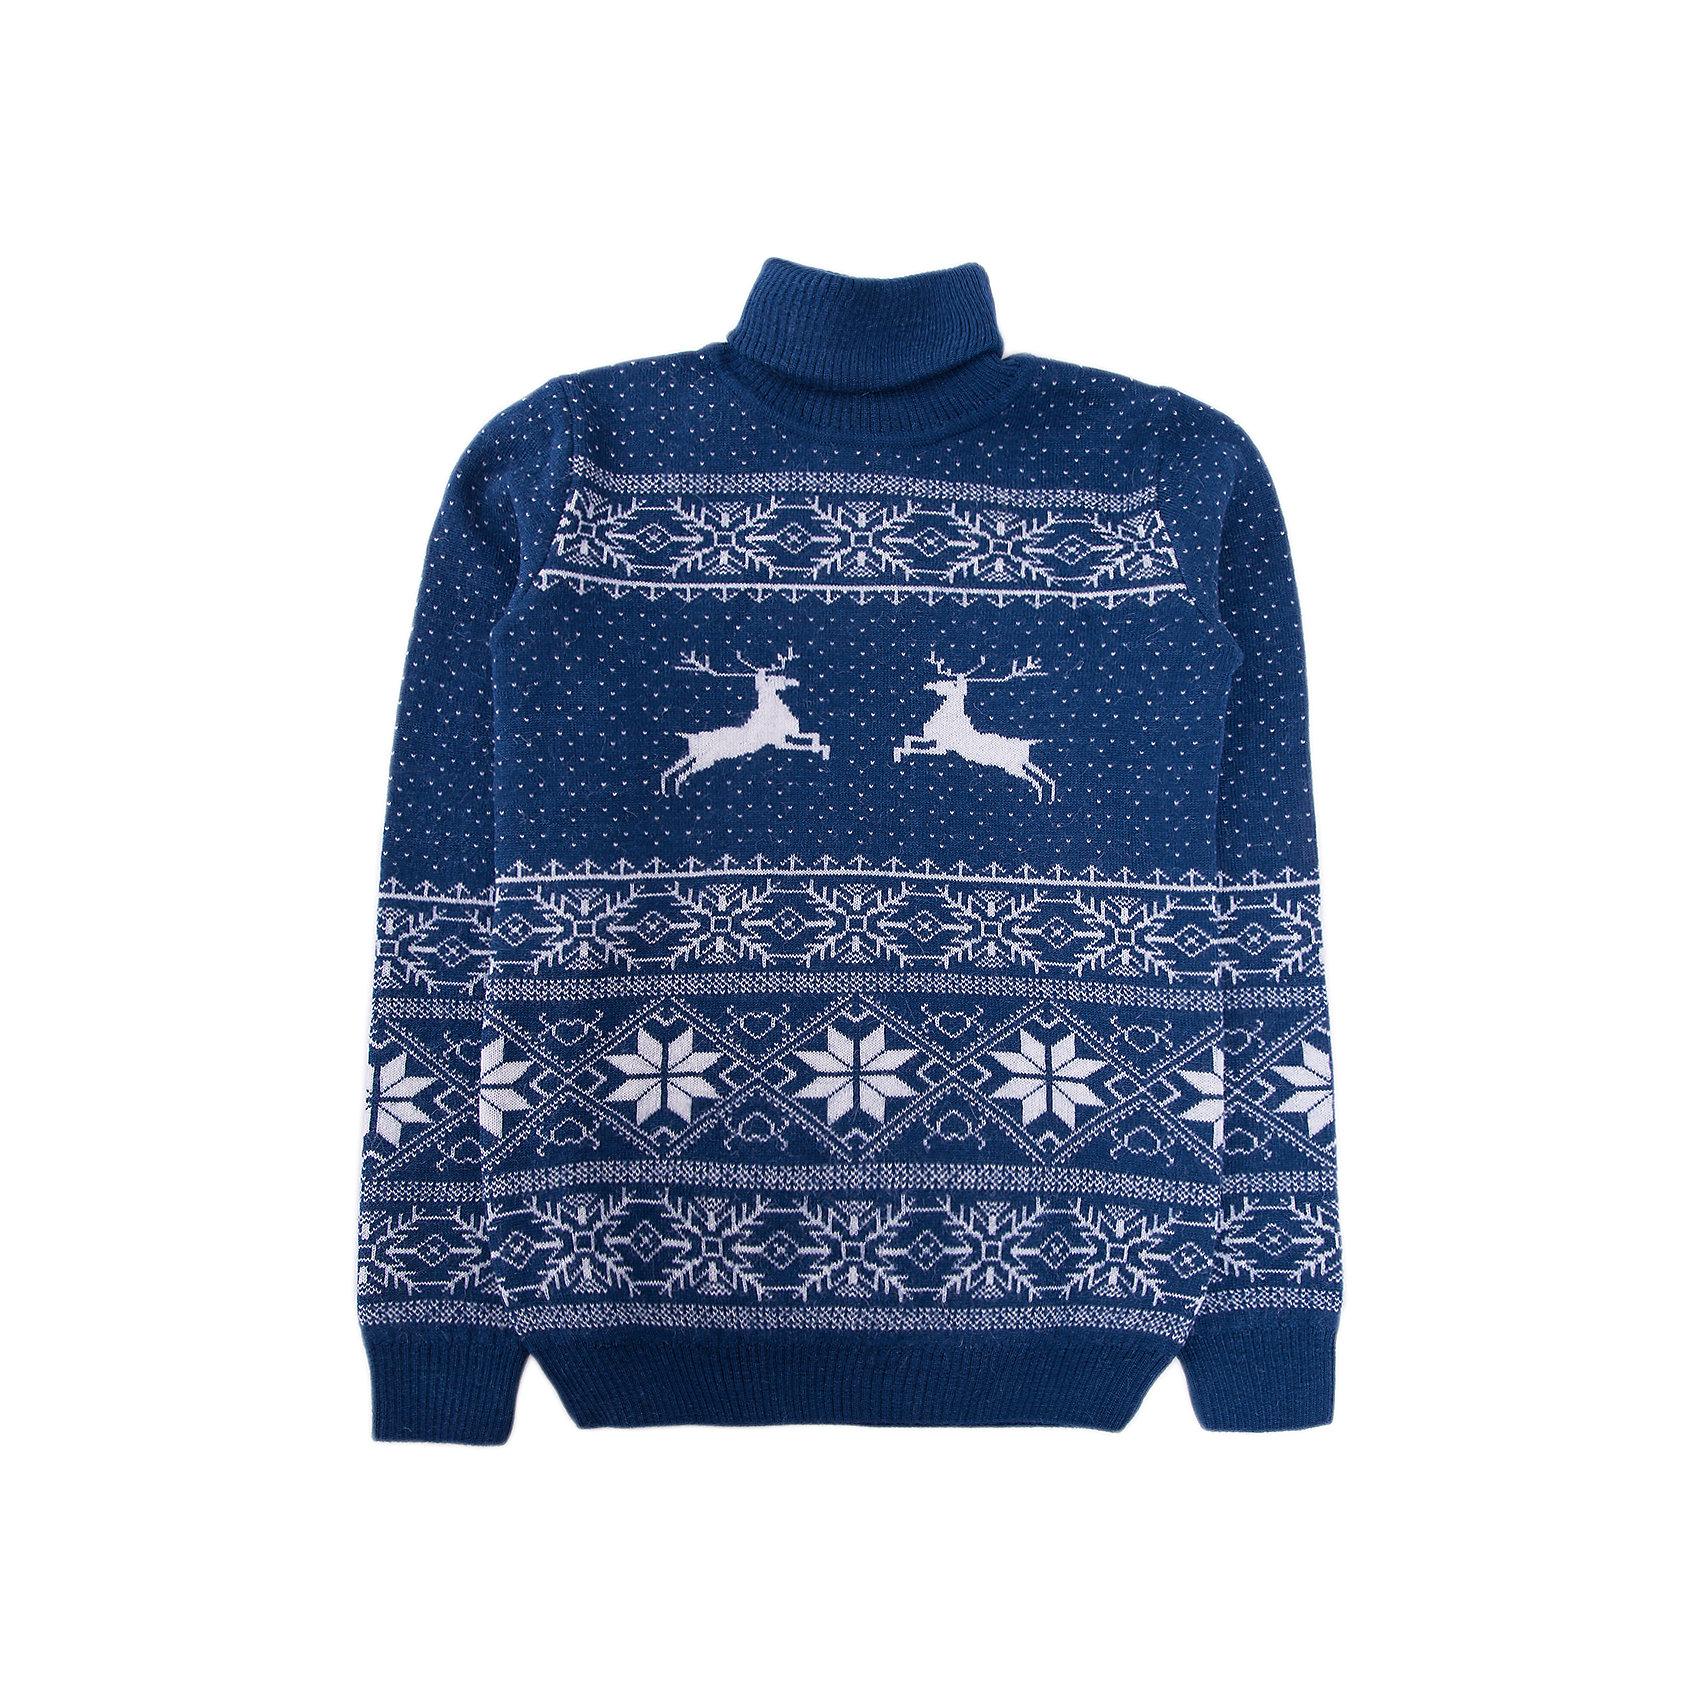 Свитер NorvegФлис и термобелье<br>Свитер от известного бренда Norveg<br><br>Красивый свитер NORVEG Sweater Jaquard Wool  от немецкой компании Norveg (Норвег) - это удобная и красивая одежда, которая обеспечит комфортную терморегуляцию тела и на улице, и в помещении. <br>Она сделана из шерсти мериноса (австралийской тонкорунной овцы), которая обладает гипоаллергенными свойствами, поэтому не вызывает раздражения, даже если надета на голое тело.<br><br>Отличительные особенности модели:<br><br>- цвет: белый, синий;<br>- высокий ворот;<br>- анатомические трикотажные резинки внизу и на рукавах;<br>- орнамент с оленями;<br>- подходит и мальчикам, и девочкам;<br>- застежка-молния;<br>- карманы.<br><br>Дополнительная информация:<br><br>- Температурный режим: от - 20° С  до +5° С.<br><br>- Состав: 100% шерсть мериноса<br>Толстовку Norveg (Норвег) можно купить в нашем магазине.<br><br>Ширина мм: 190<br>Глубина мм: 74<br>Высота мм: 229<br>Вес г: 236<br>Цвет: синий<br>Возраст от месяцев: 36<br>Возраст до месяцев: 48<br>Пол: Унисекс<br>Возраст: Детский<br>Размер: 80/86,116,92,140/146,128/134,104/110,152/158<br>SKU: 4224497